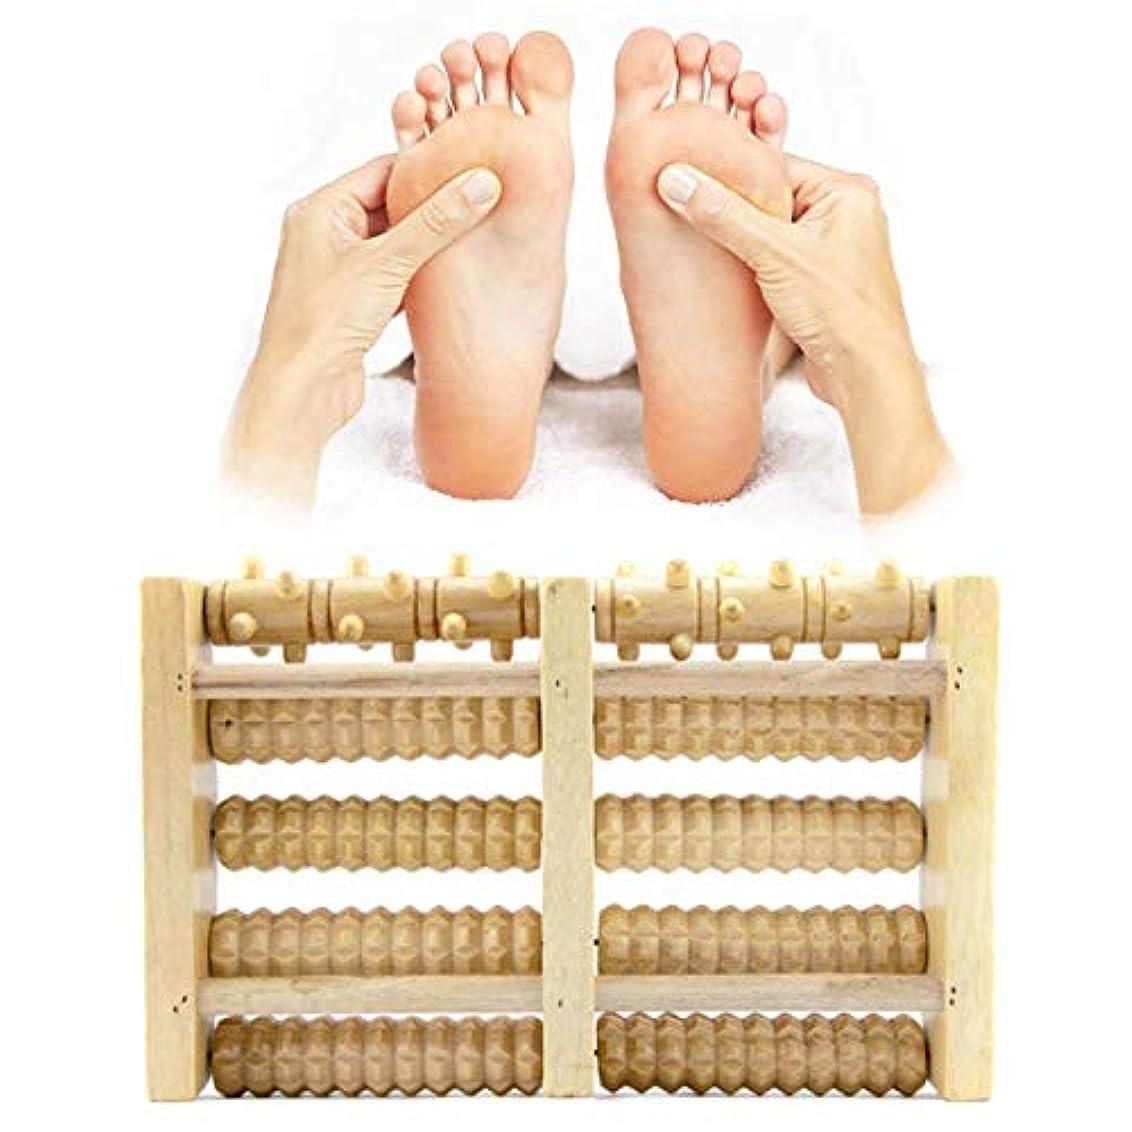 無意味どこか羊飼いWooden Foot Massager 5 Rollers Reflexology Relax Stress Pain Relief Blood Circulation Promotion Foot Care Instrument